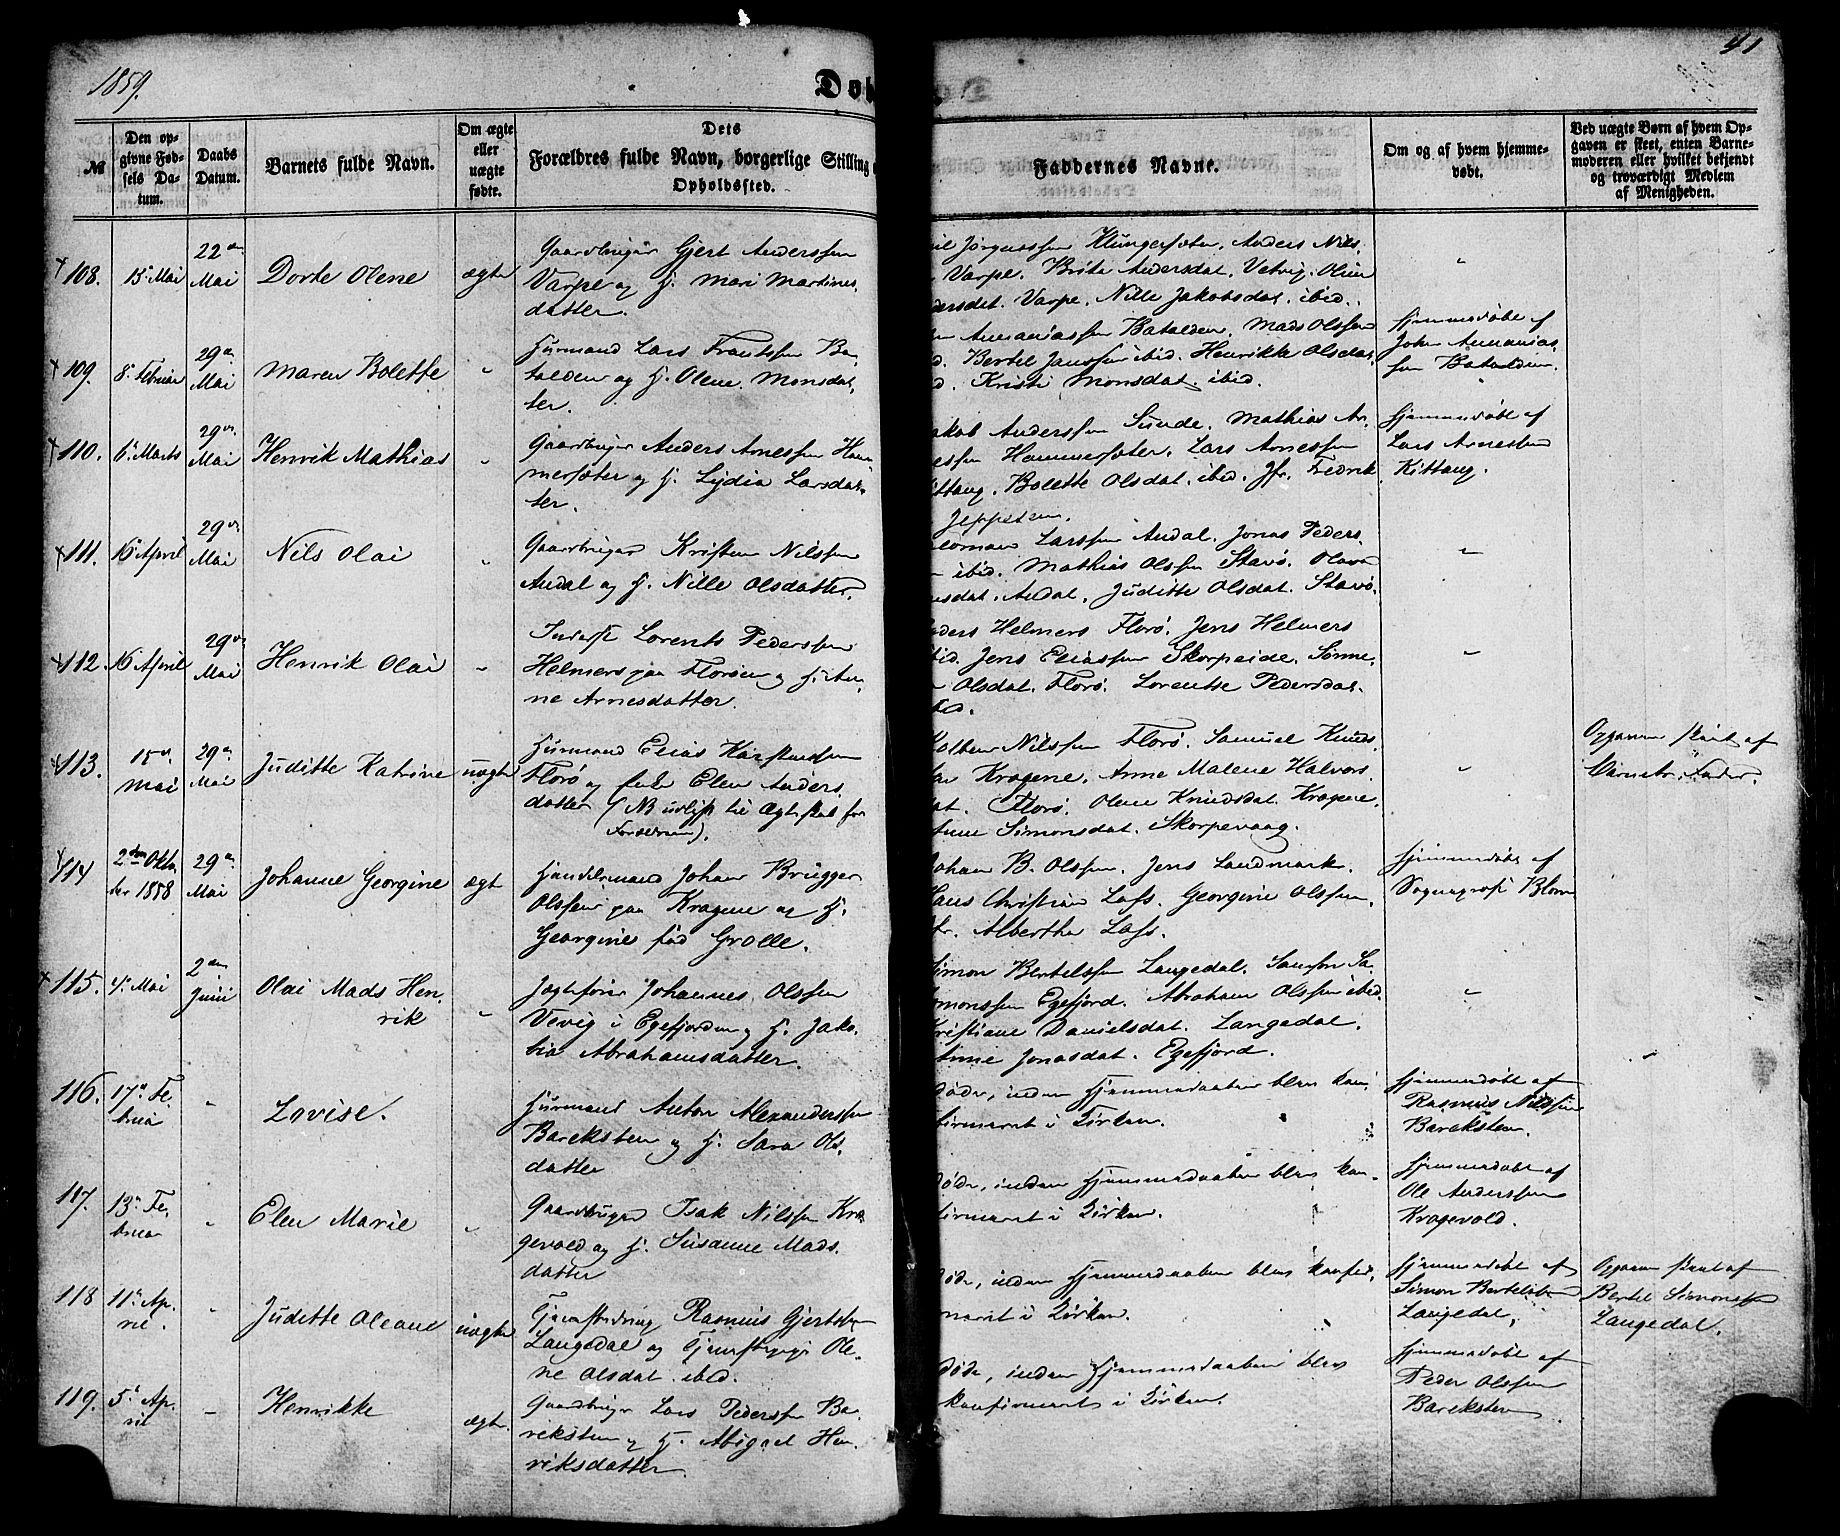 SAB, Kinn Sokneprestembete, Ministerialbok nr. A 6, 1857-1885, s. 41